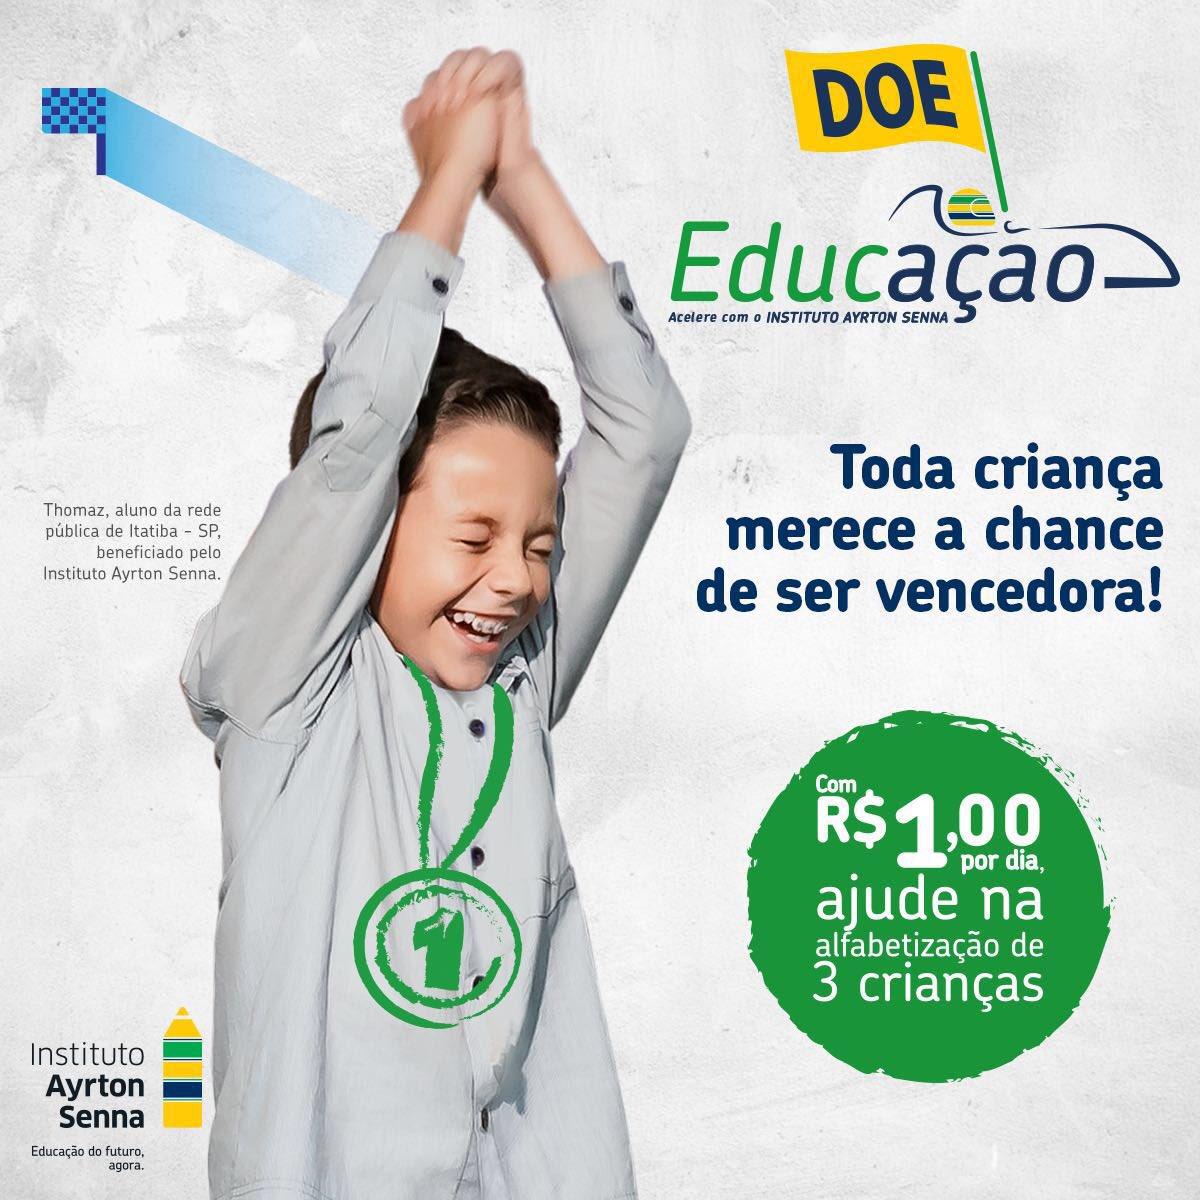 Eu apoio o Instituto Ayrton Senna, apoie você também #DoeEducação. Participe https://t.co/5PyApubQNZ https://t.co/ST1BTdyST9